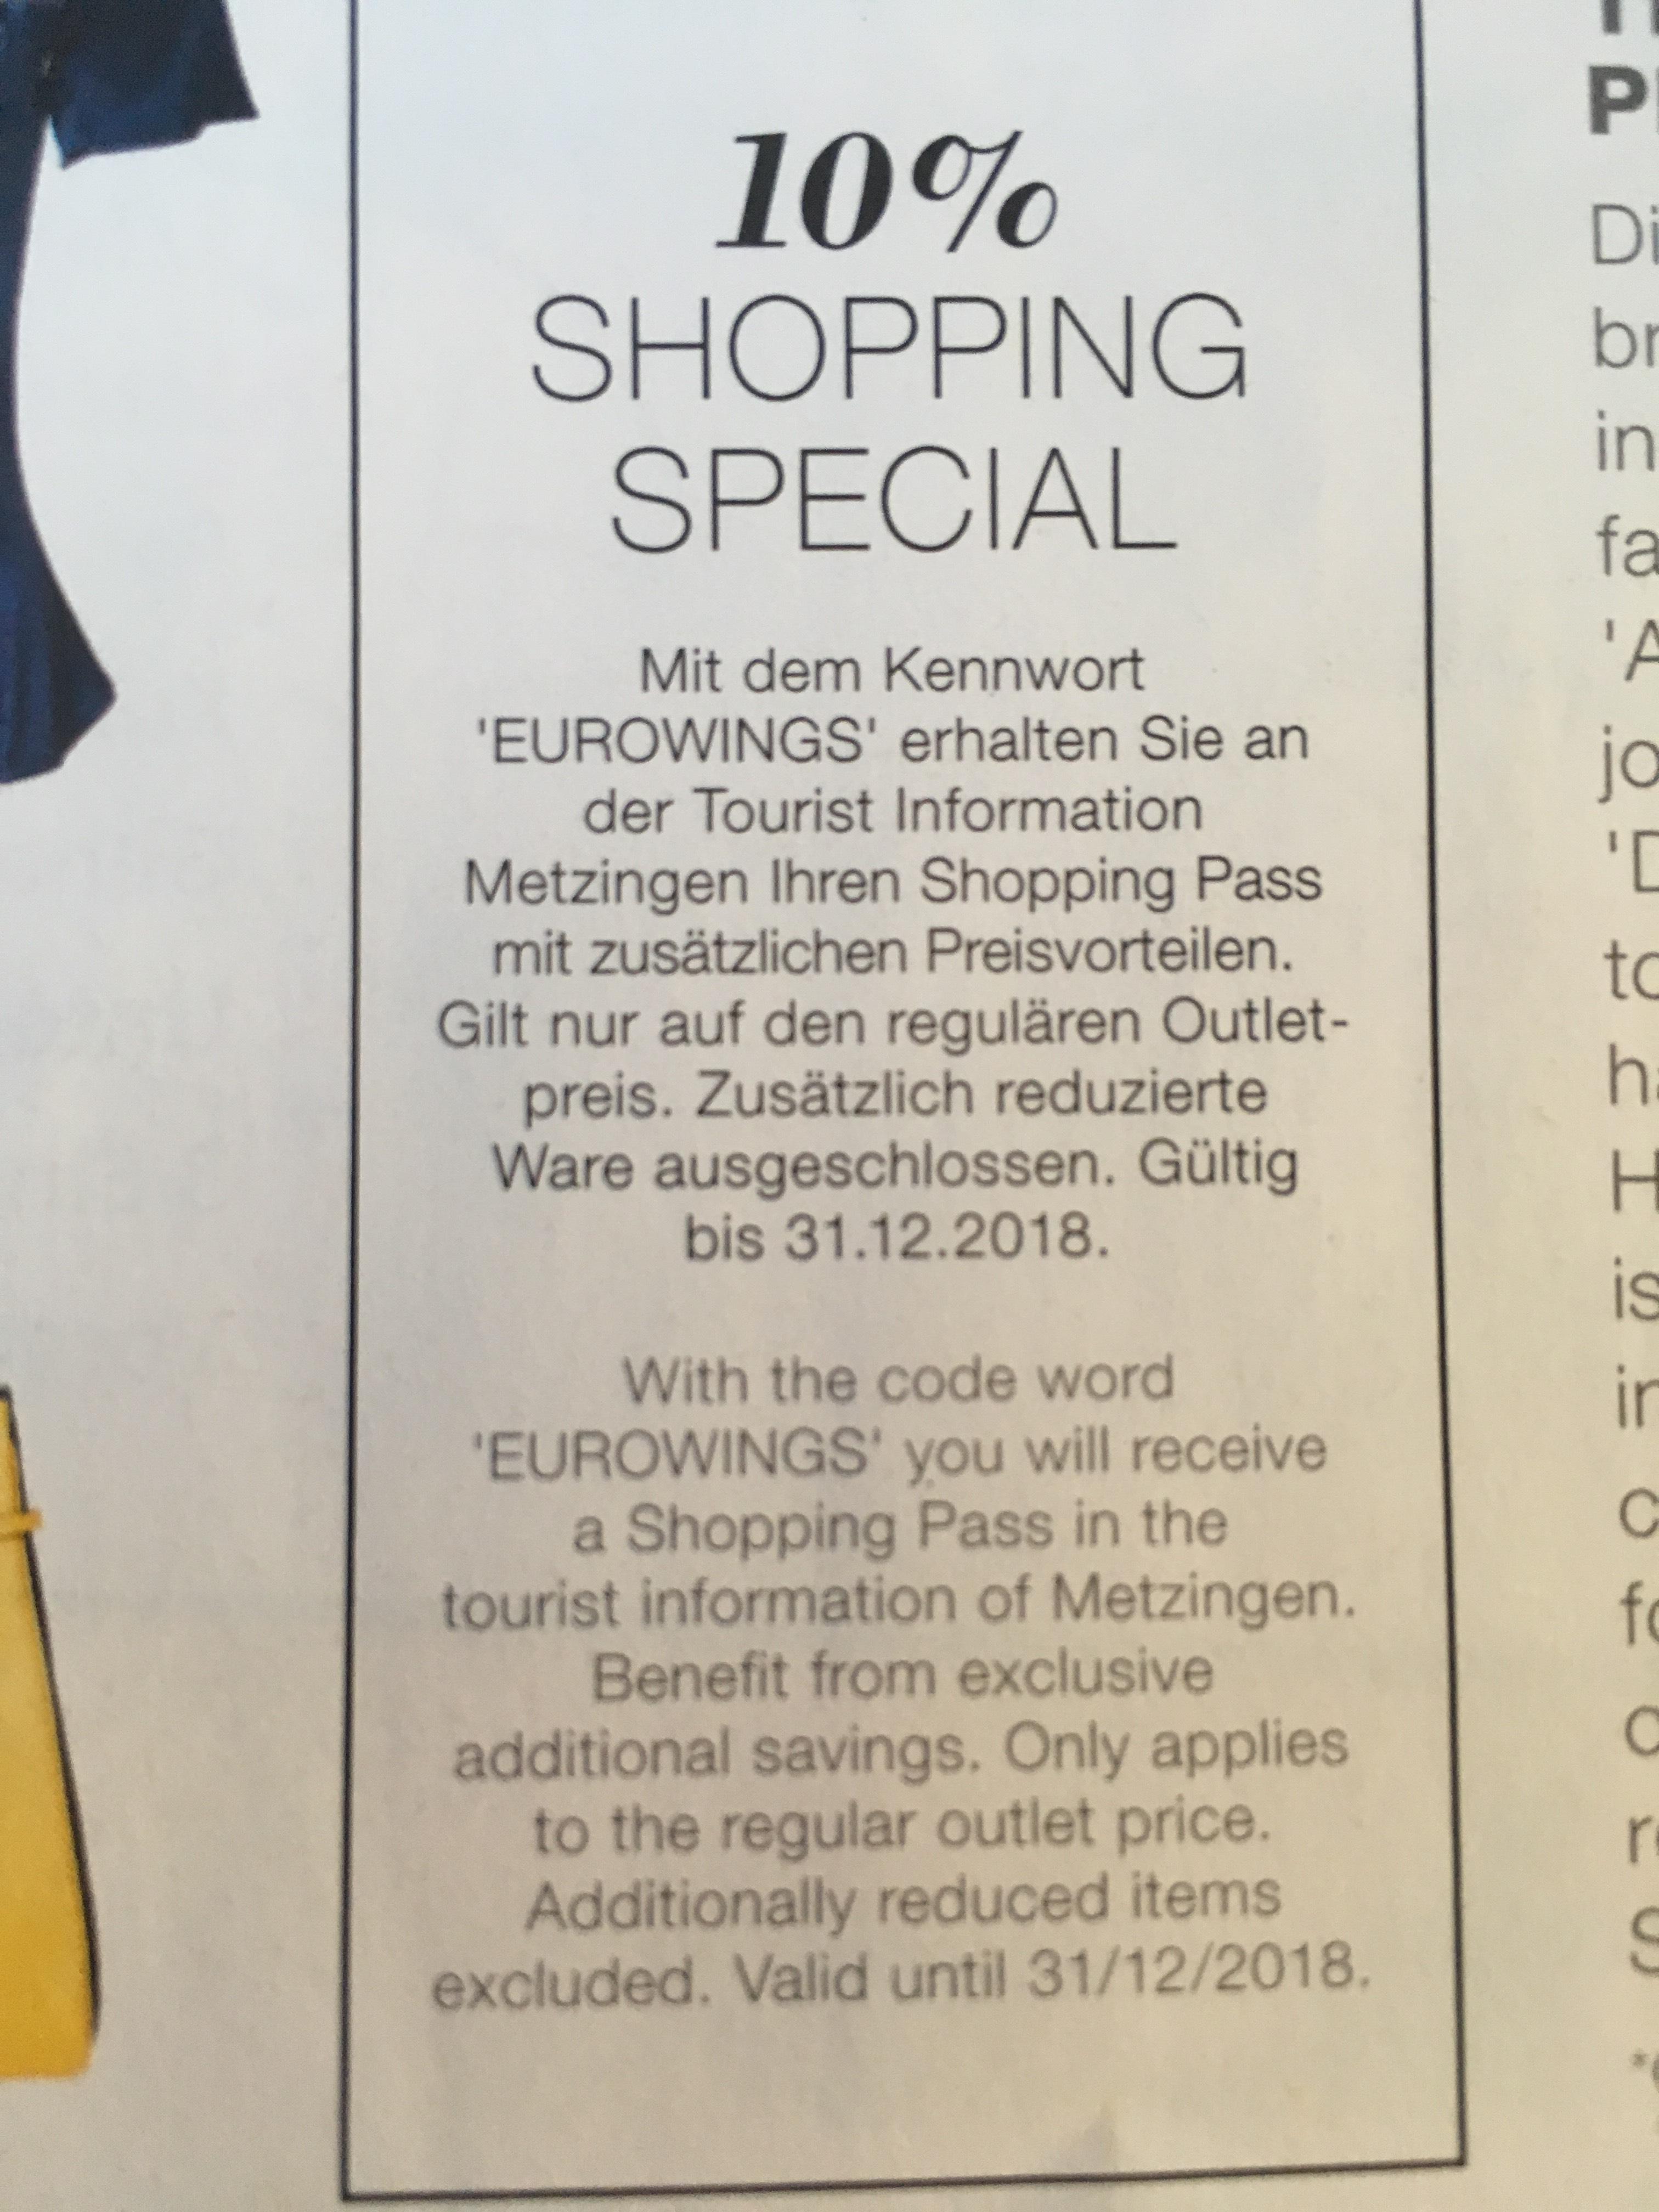 10% auf Outlet Preise in Metzingen